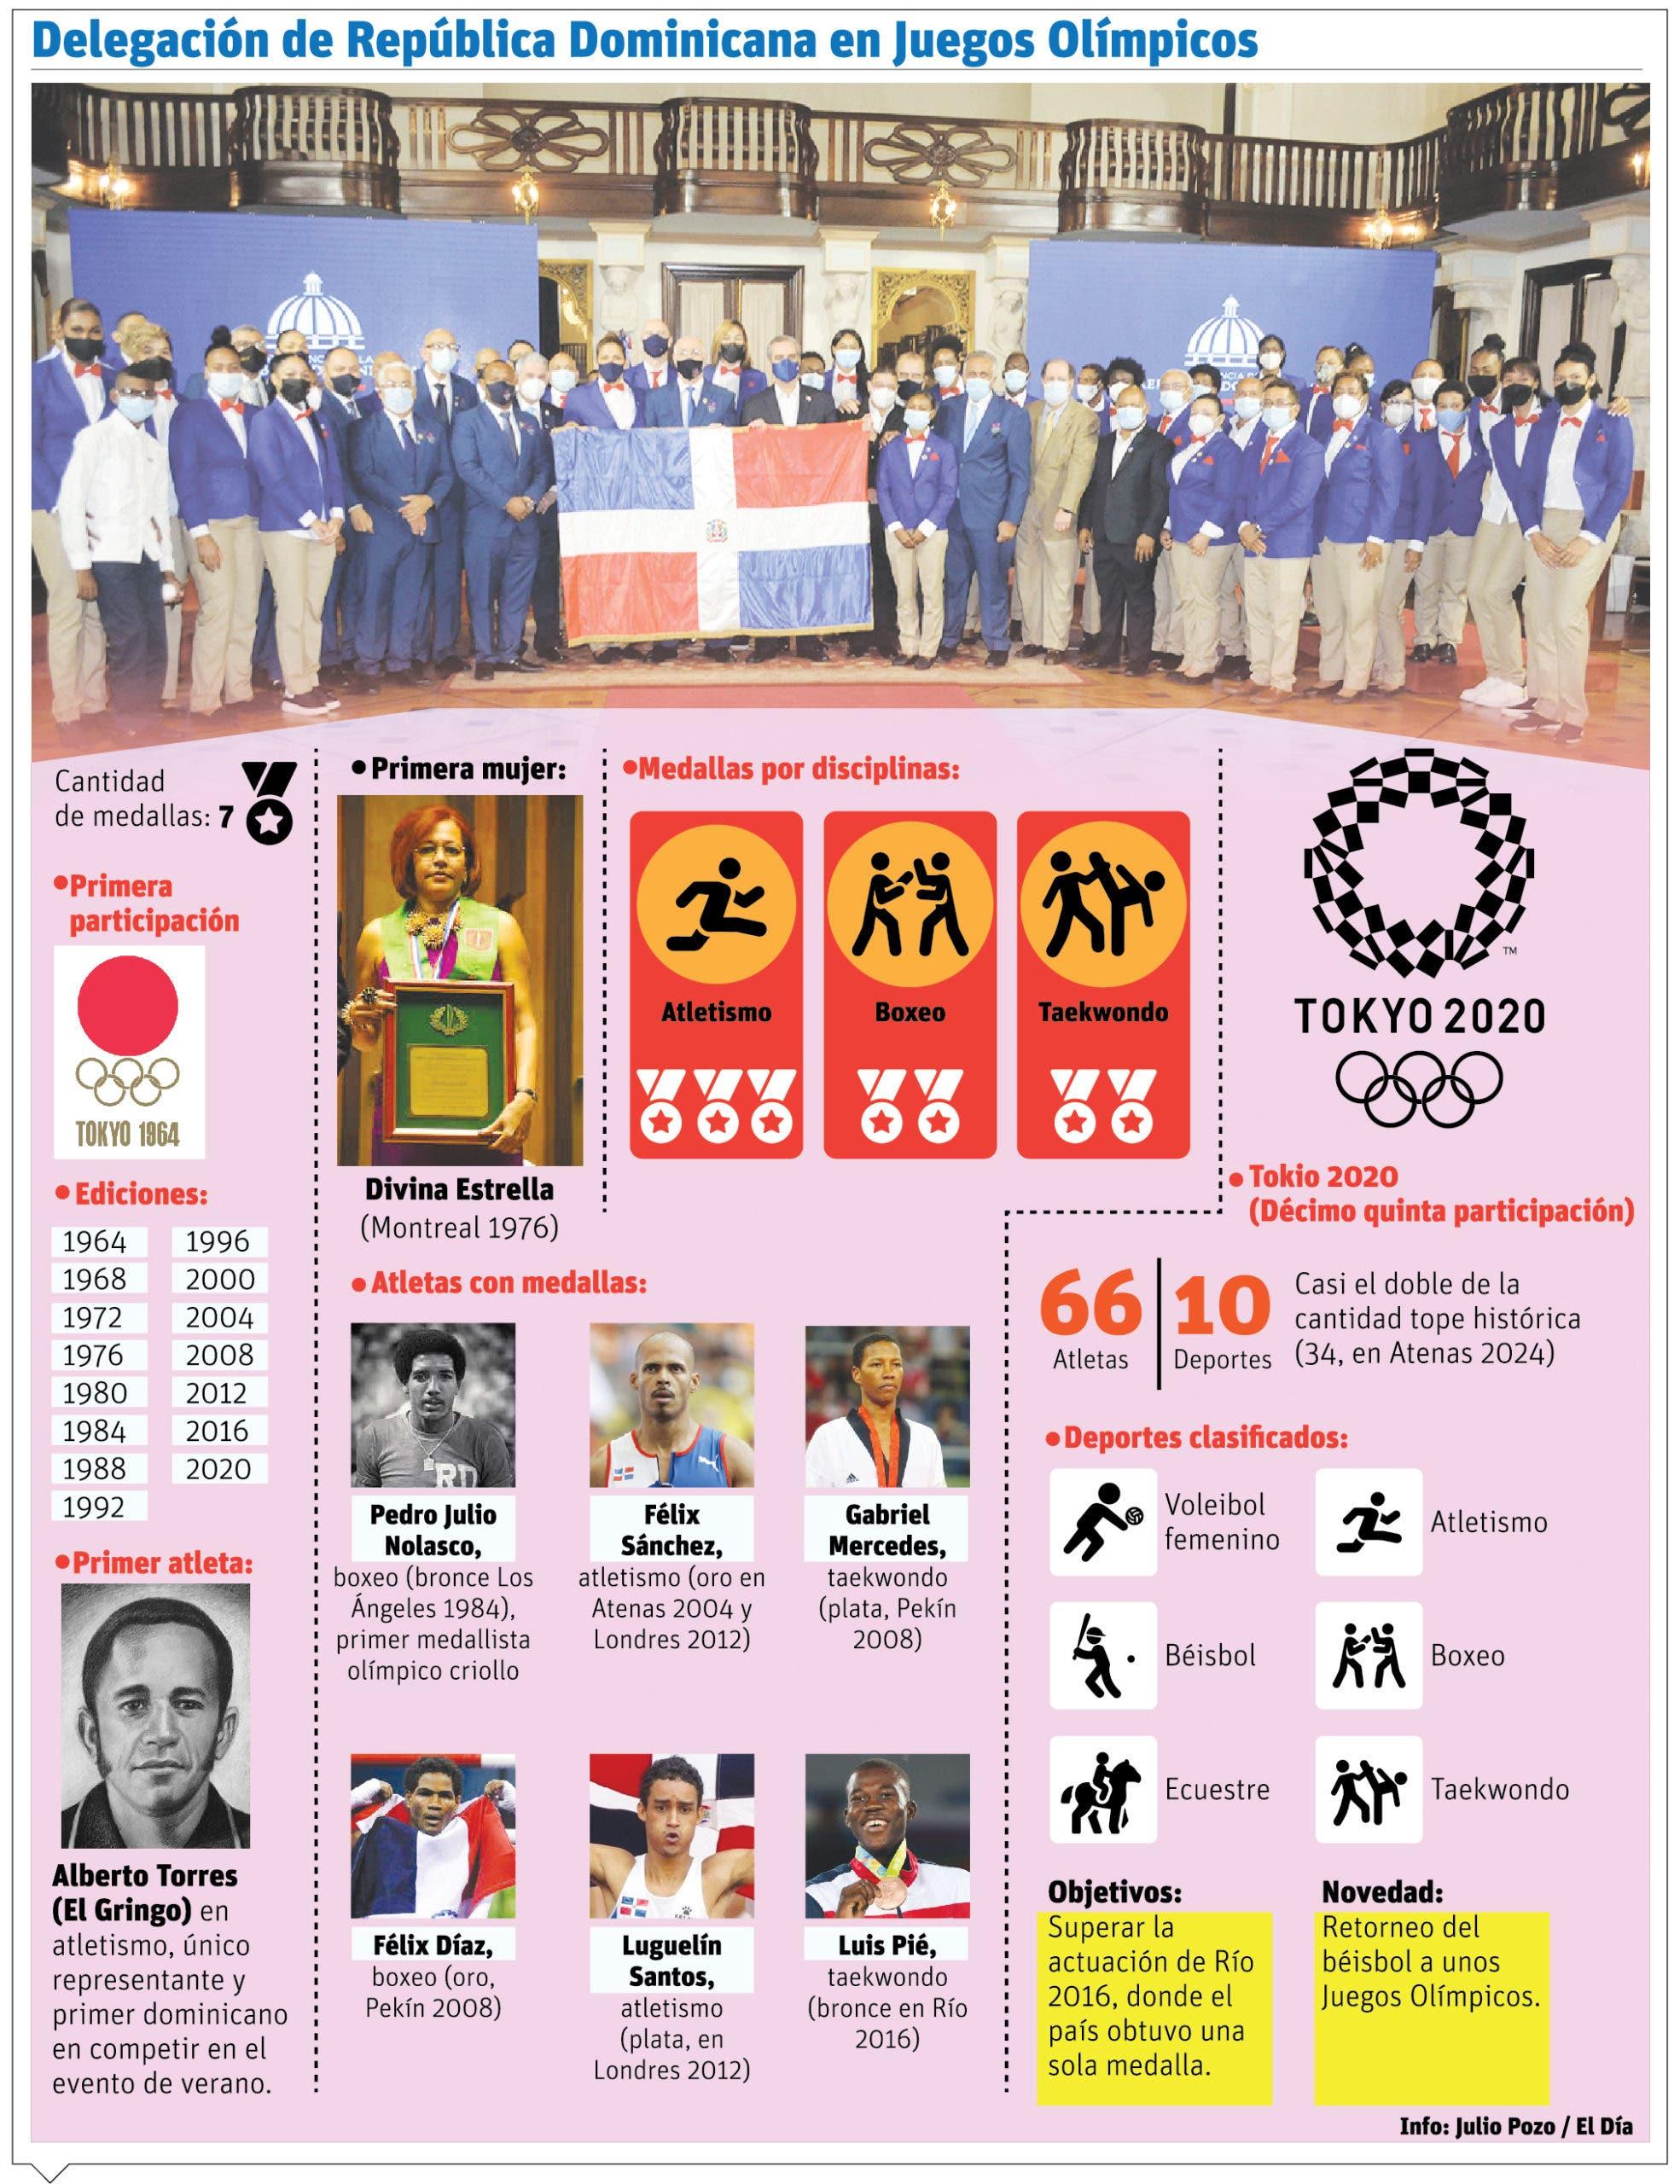 Deportistas RD derrochan optimismo respecto al éxito Juegos Olímpicos